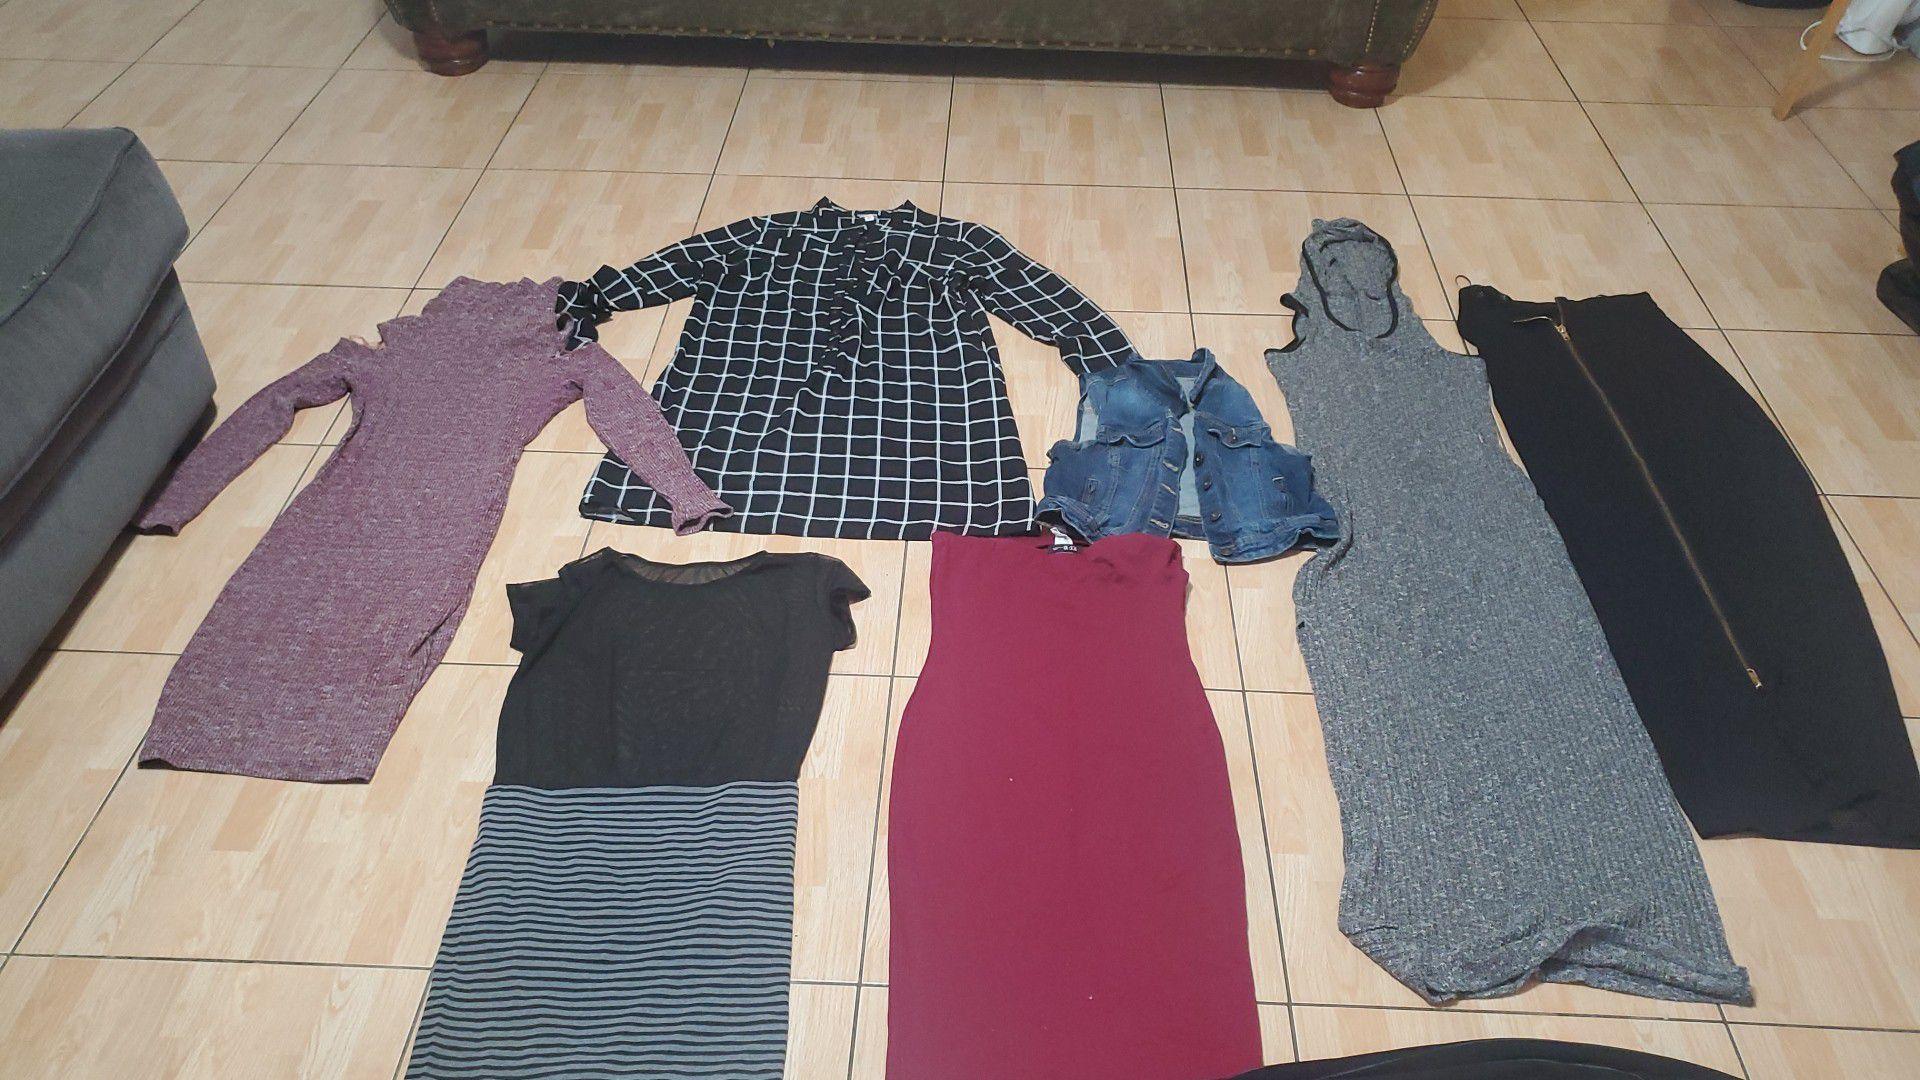 Big size clothing